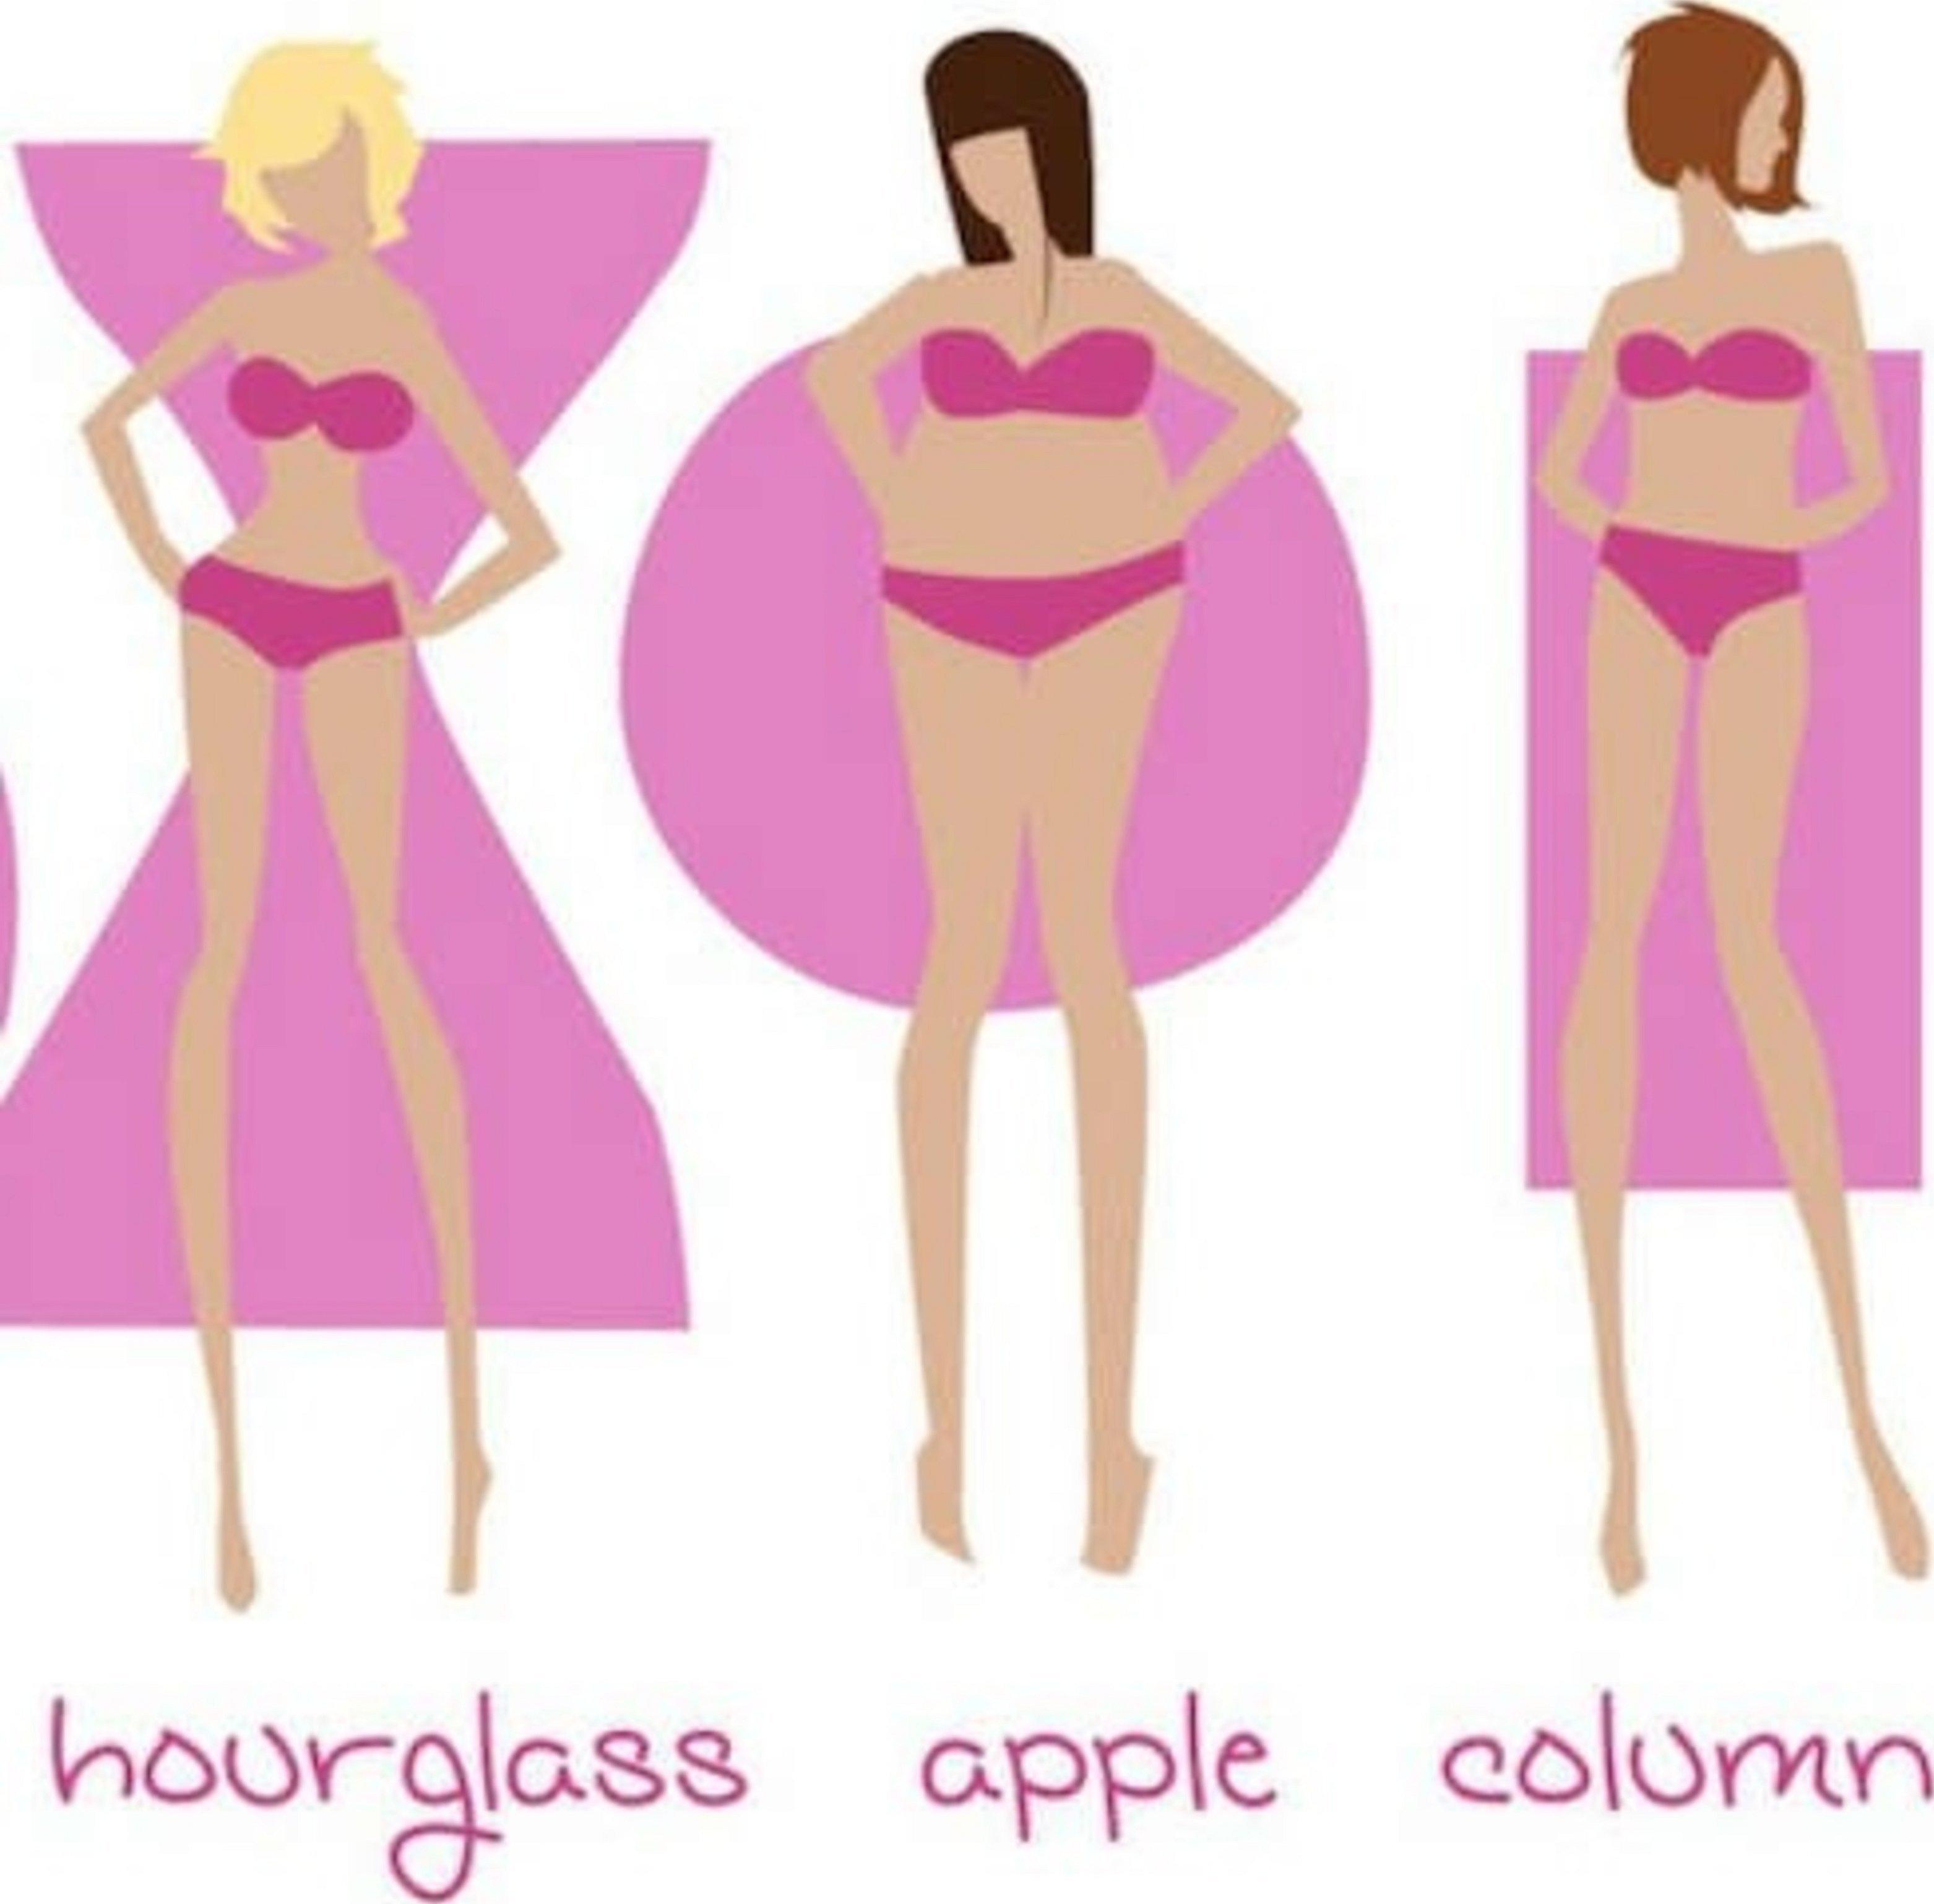 Женские фигуры для рисования типы фигуры